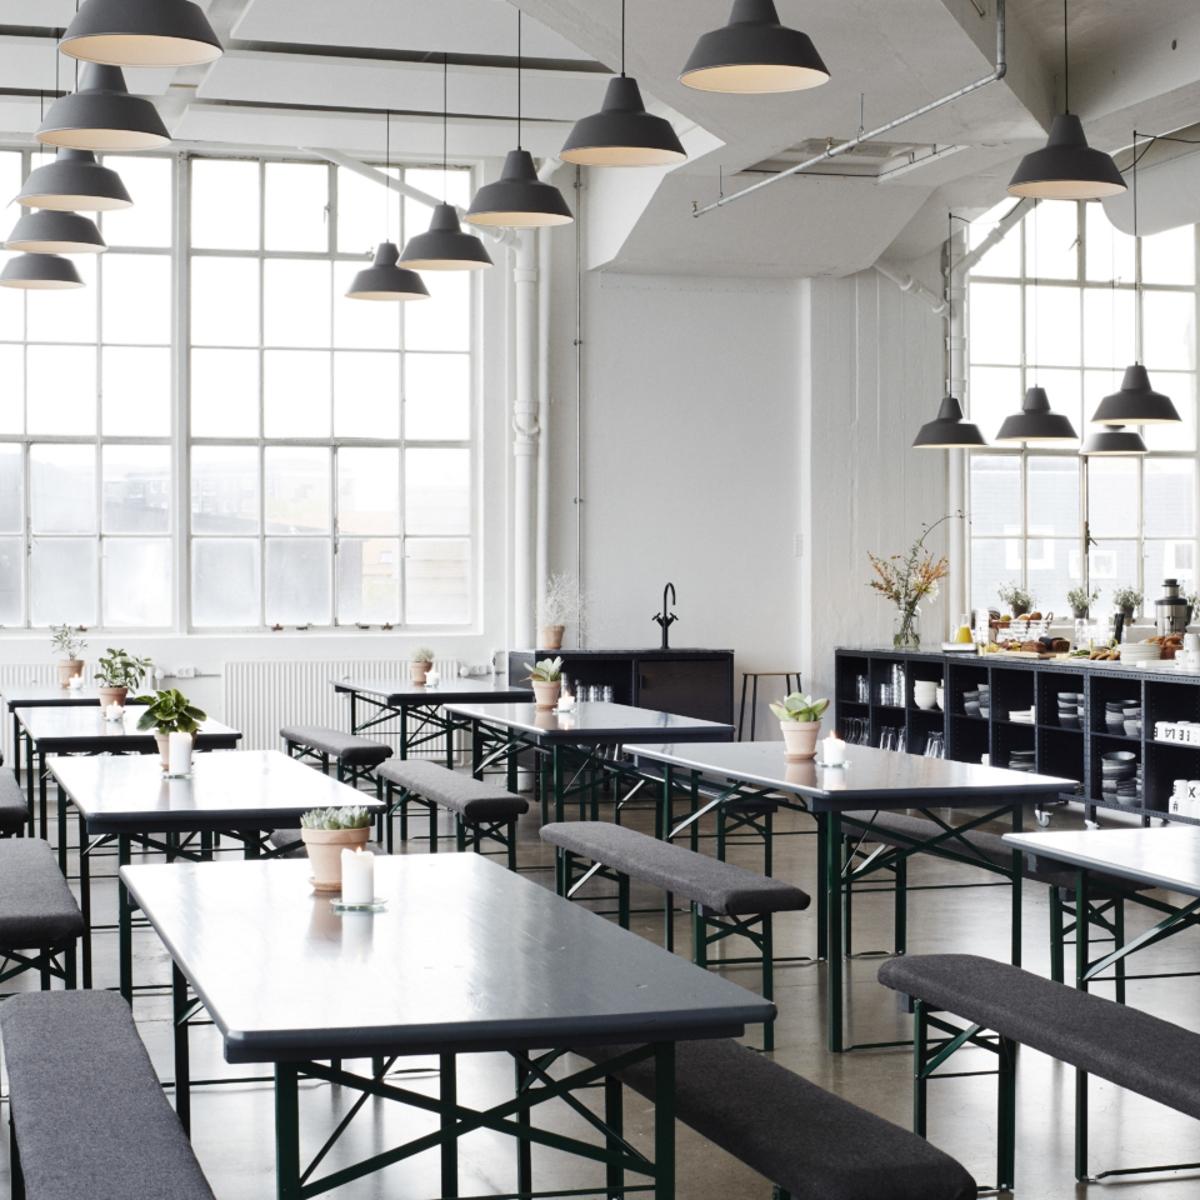 The Lab Kitchen_Café und Restaurant im Industrieloft in Kopenhagen